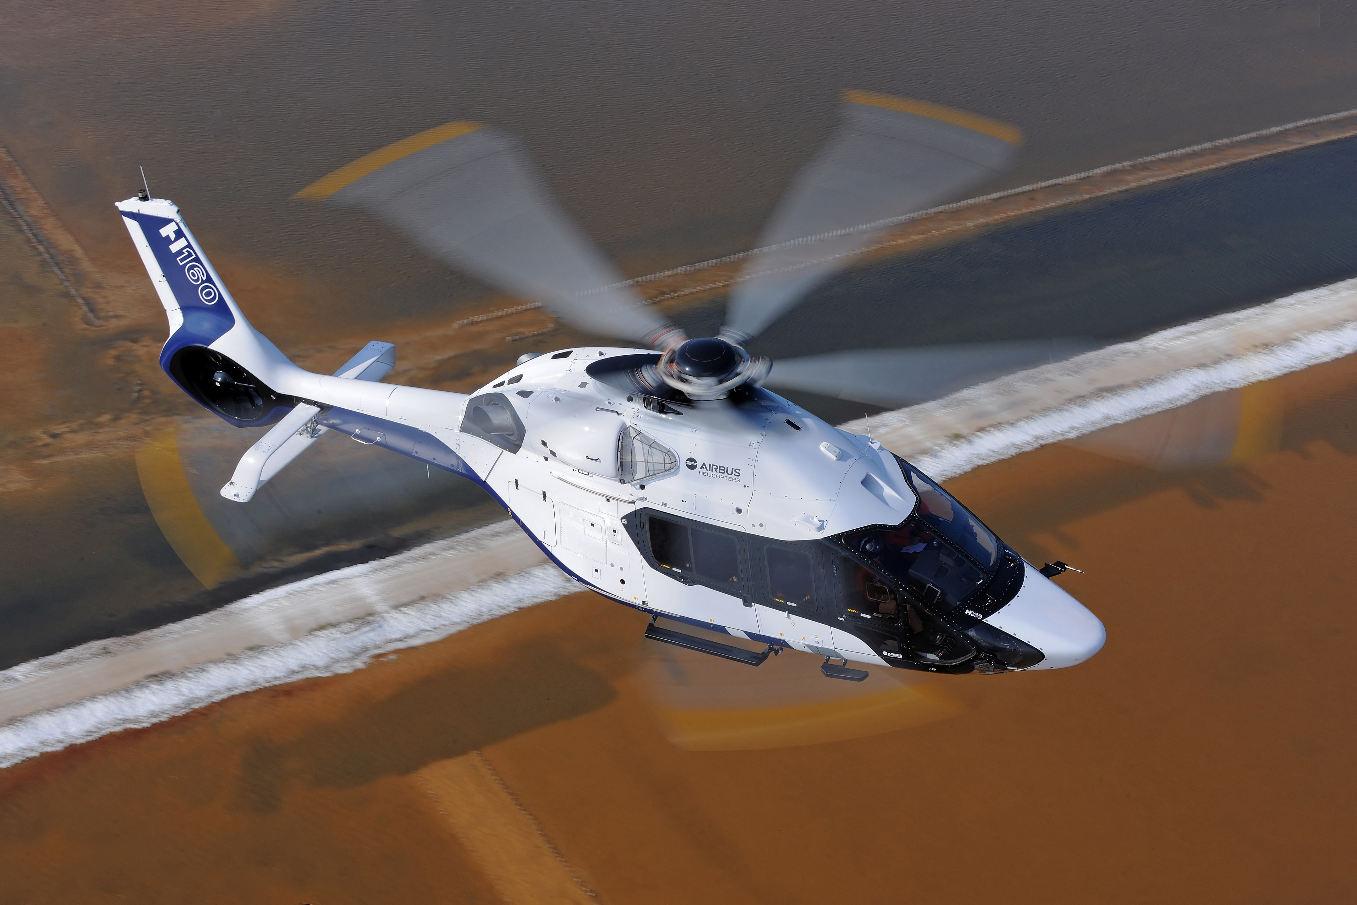 Liebherr-Aerospace fournira les vannes du système de chauffage du H160